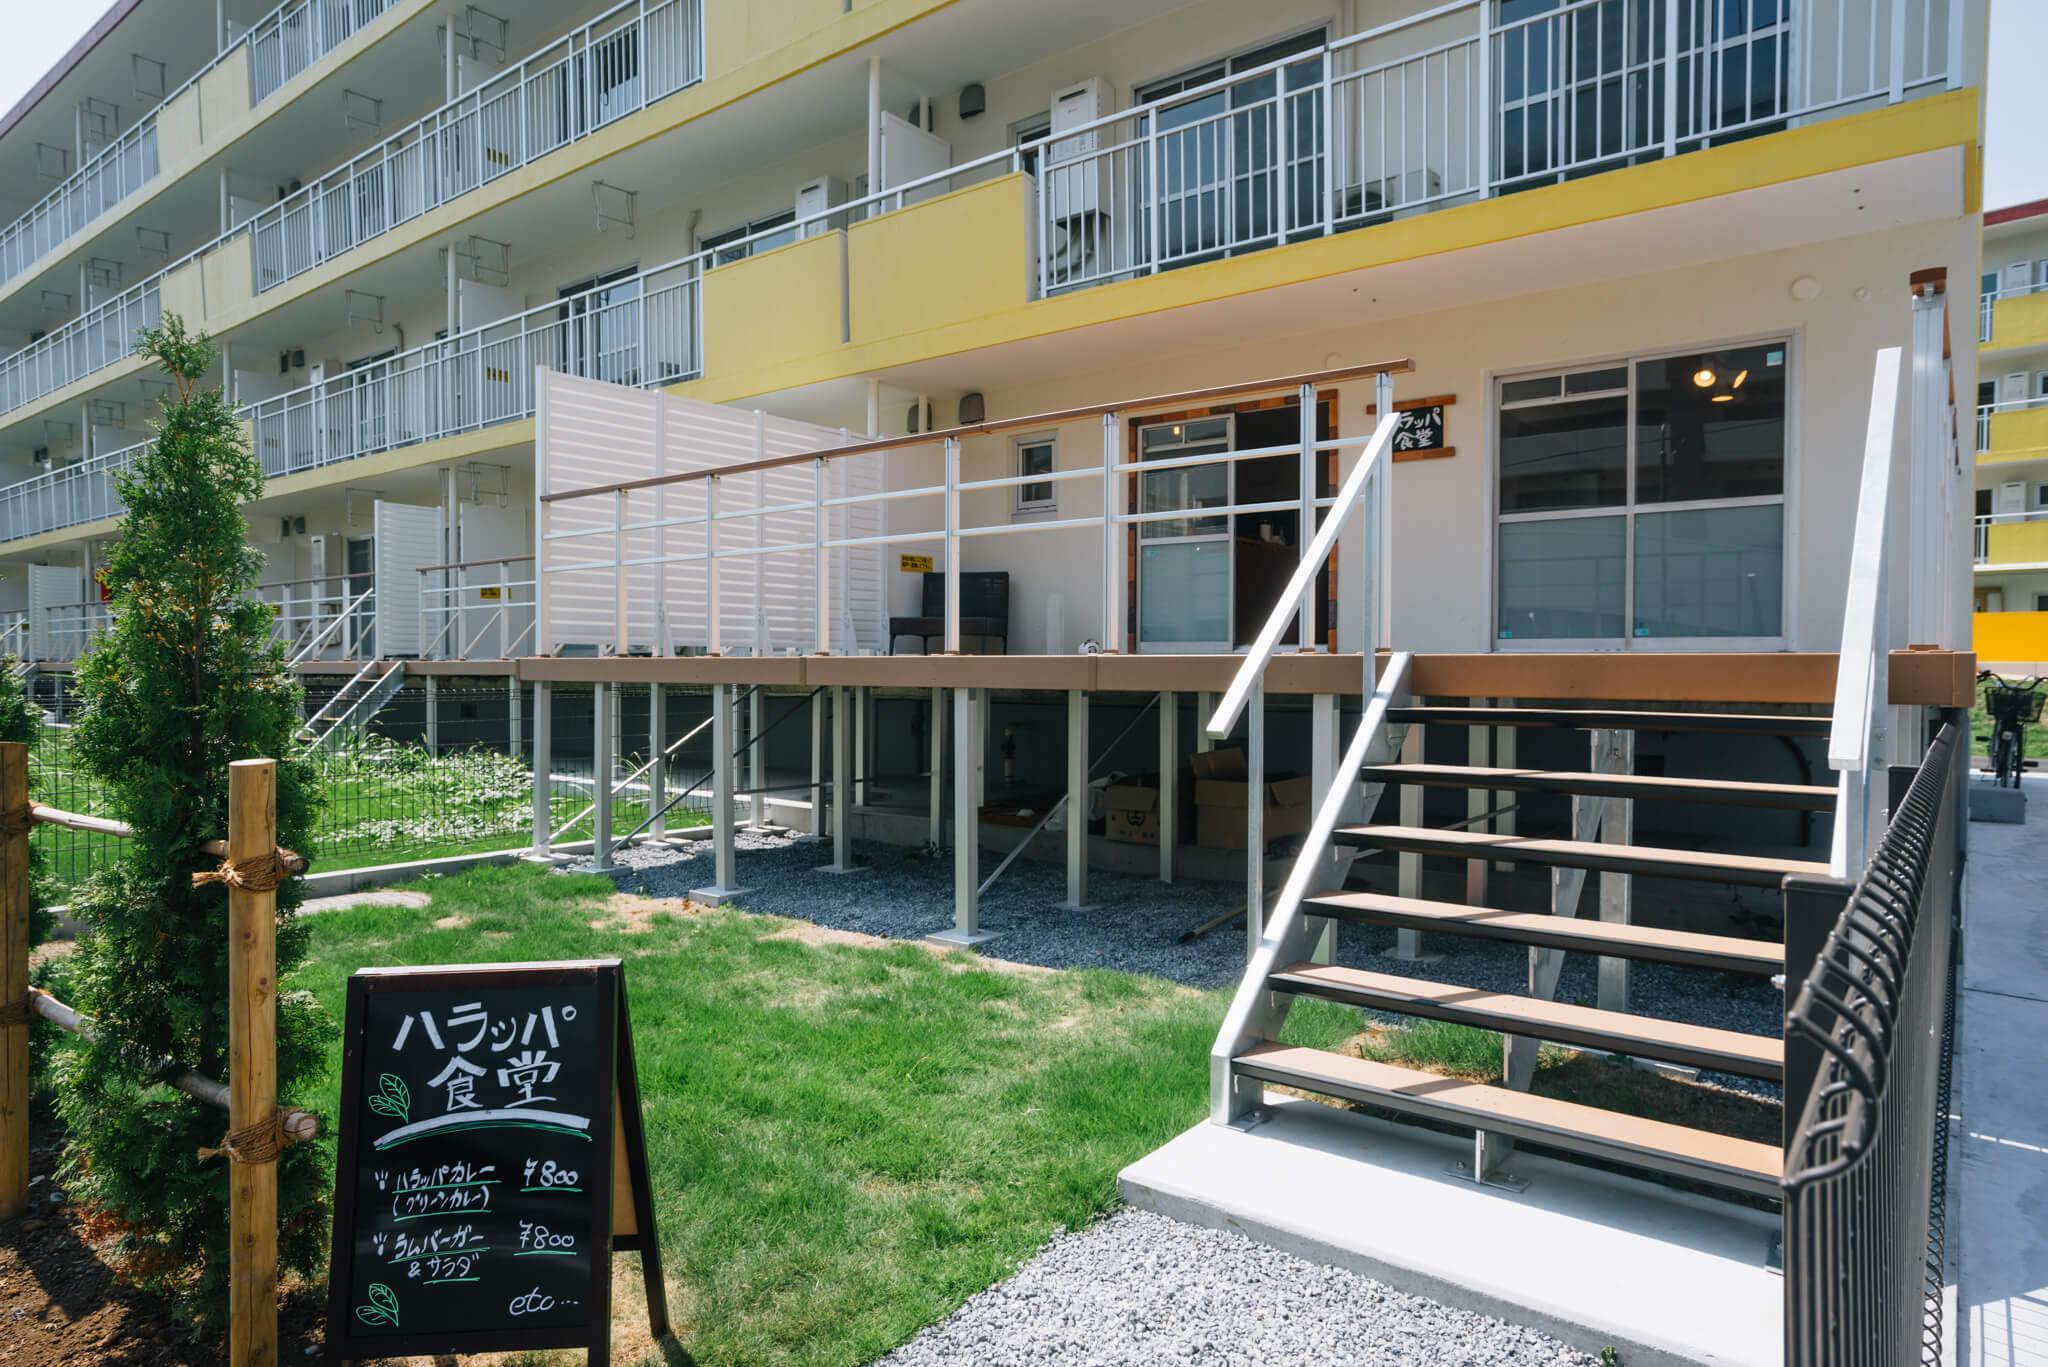 1号棟1階の角にオープンしたのは「ハラッパ食堂」。現在、ランチとカフェの営業です。